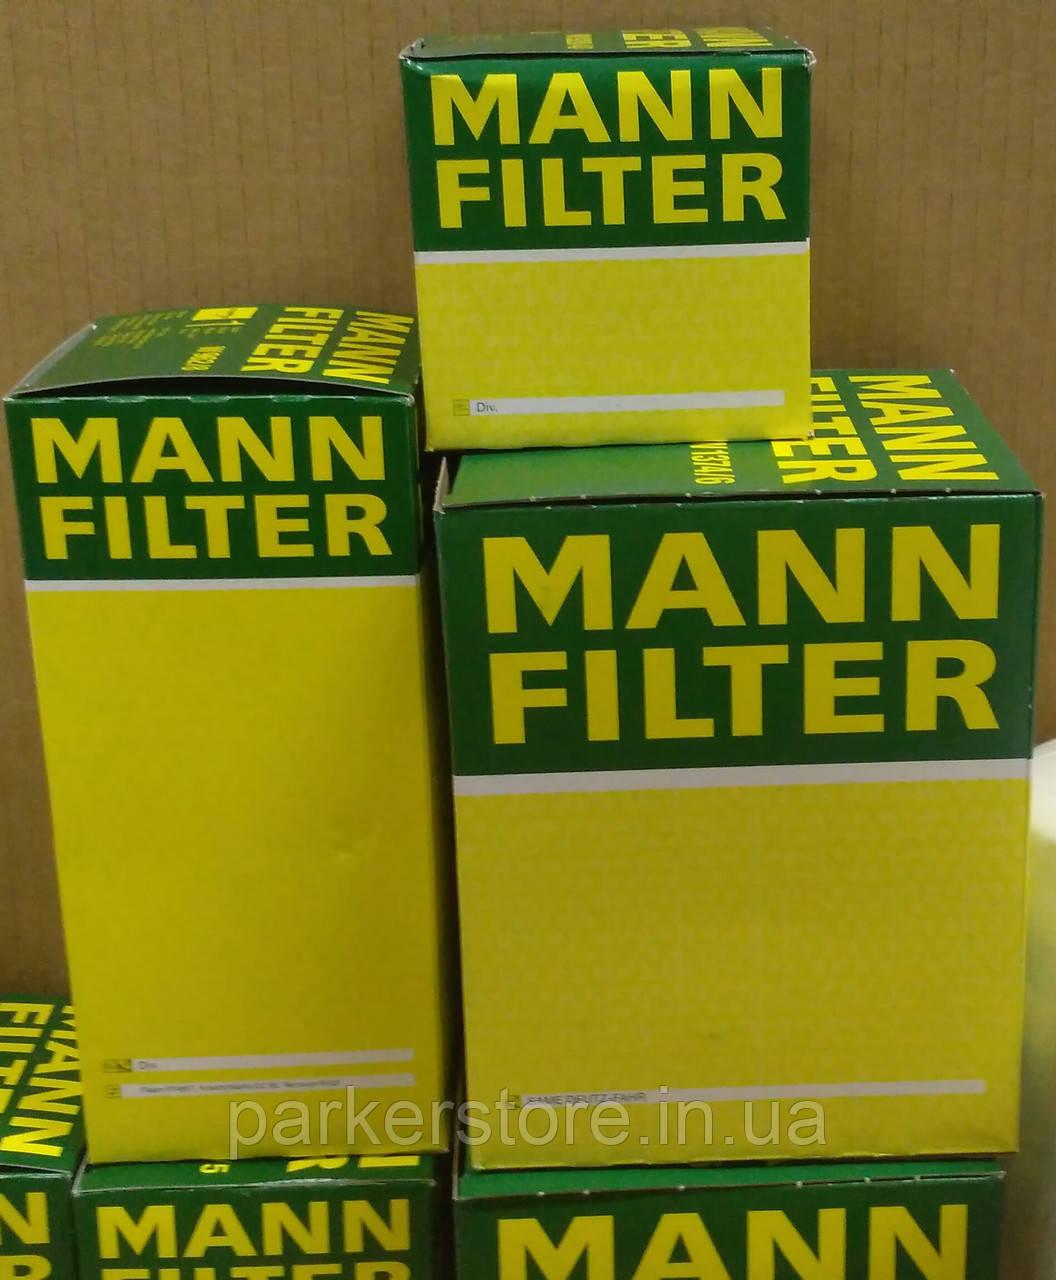 MANN FILTER / Повітряний фільтр / C 30 850/8 / C30850/8